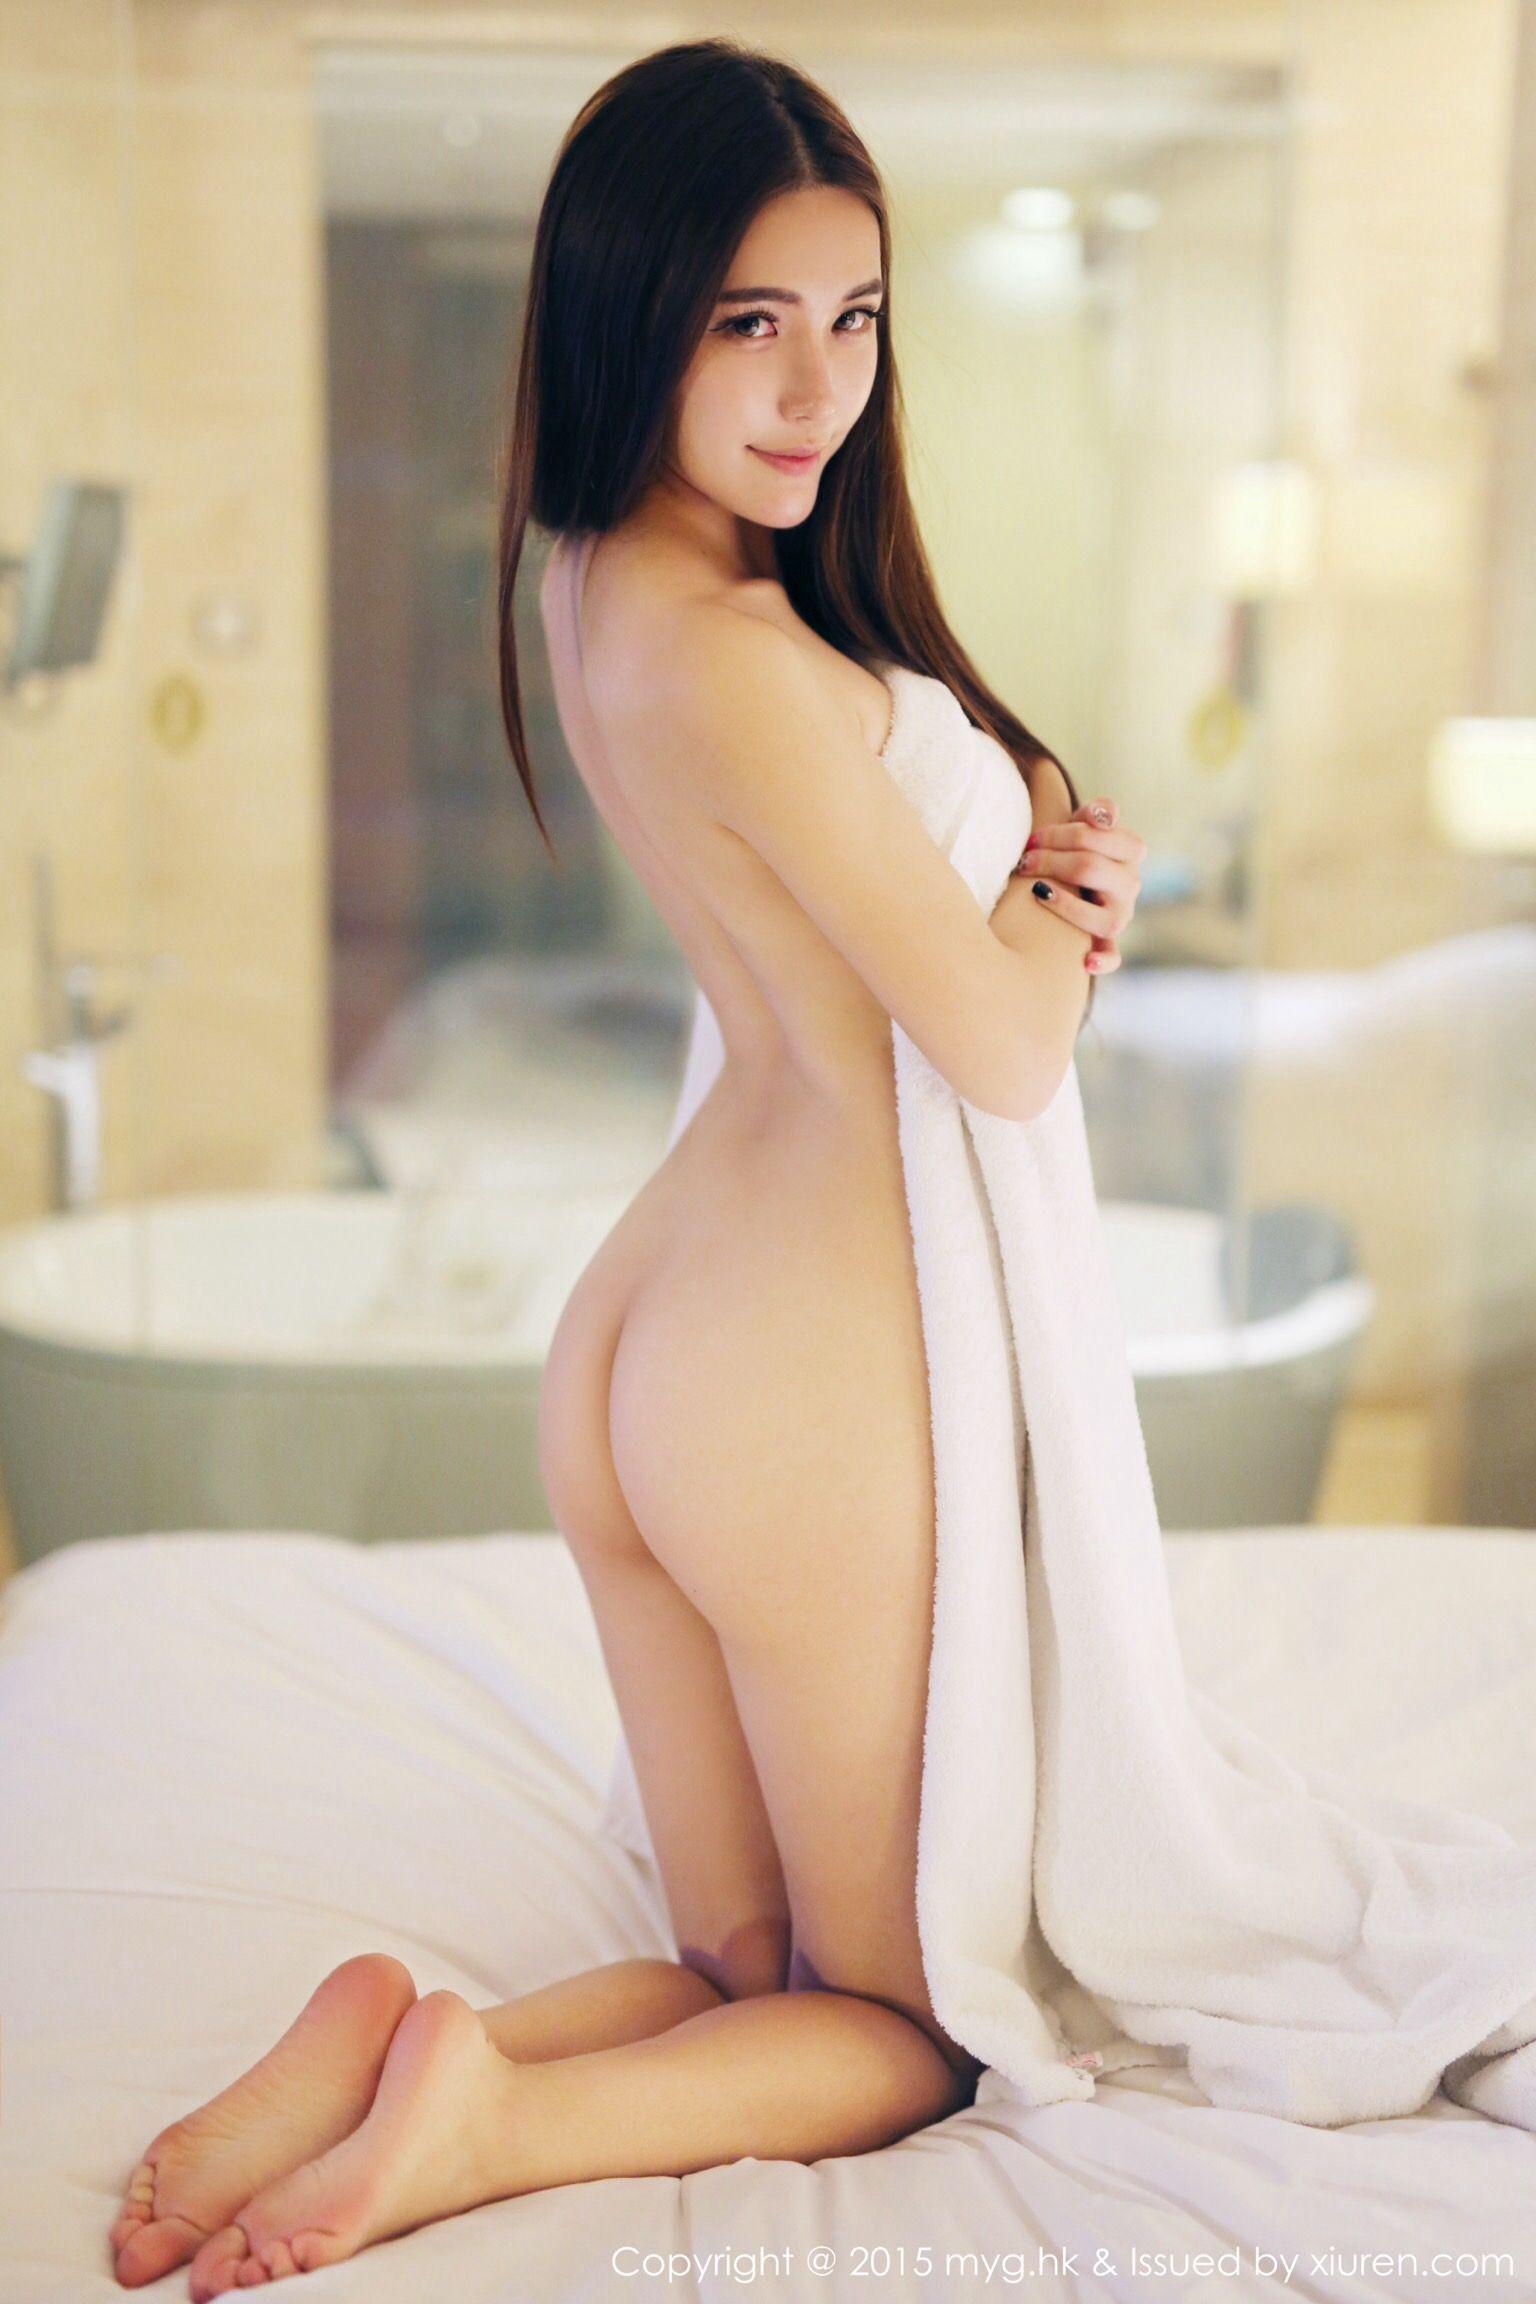 naked tumbler body of girl